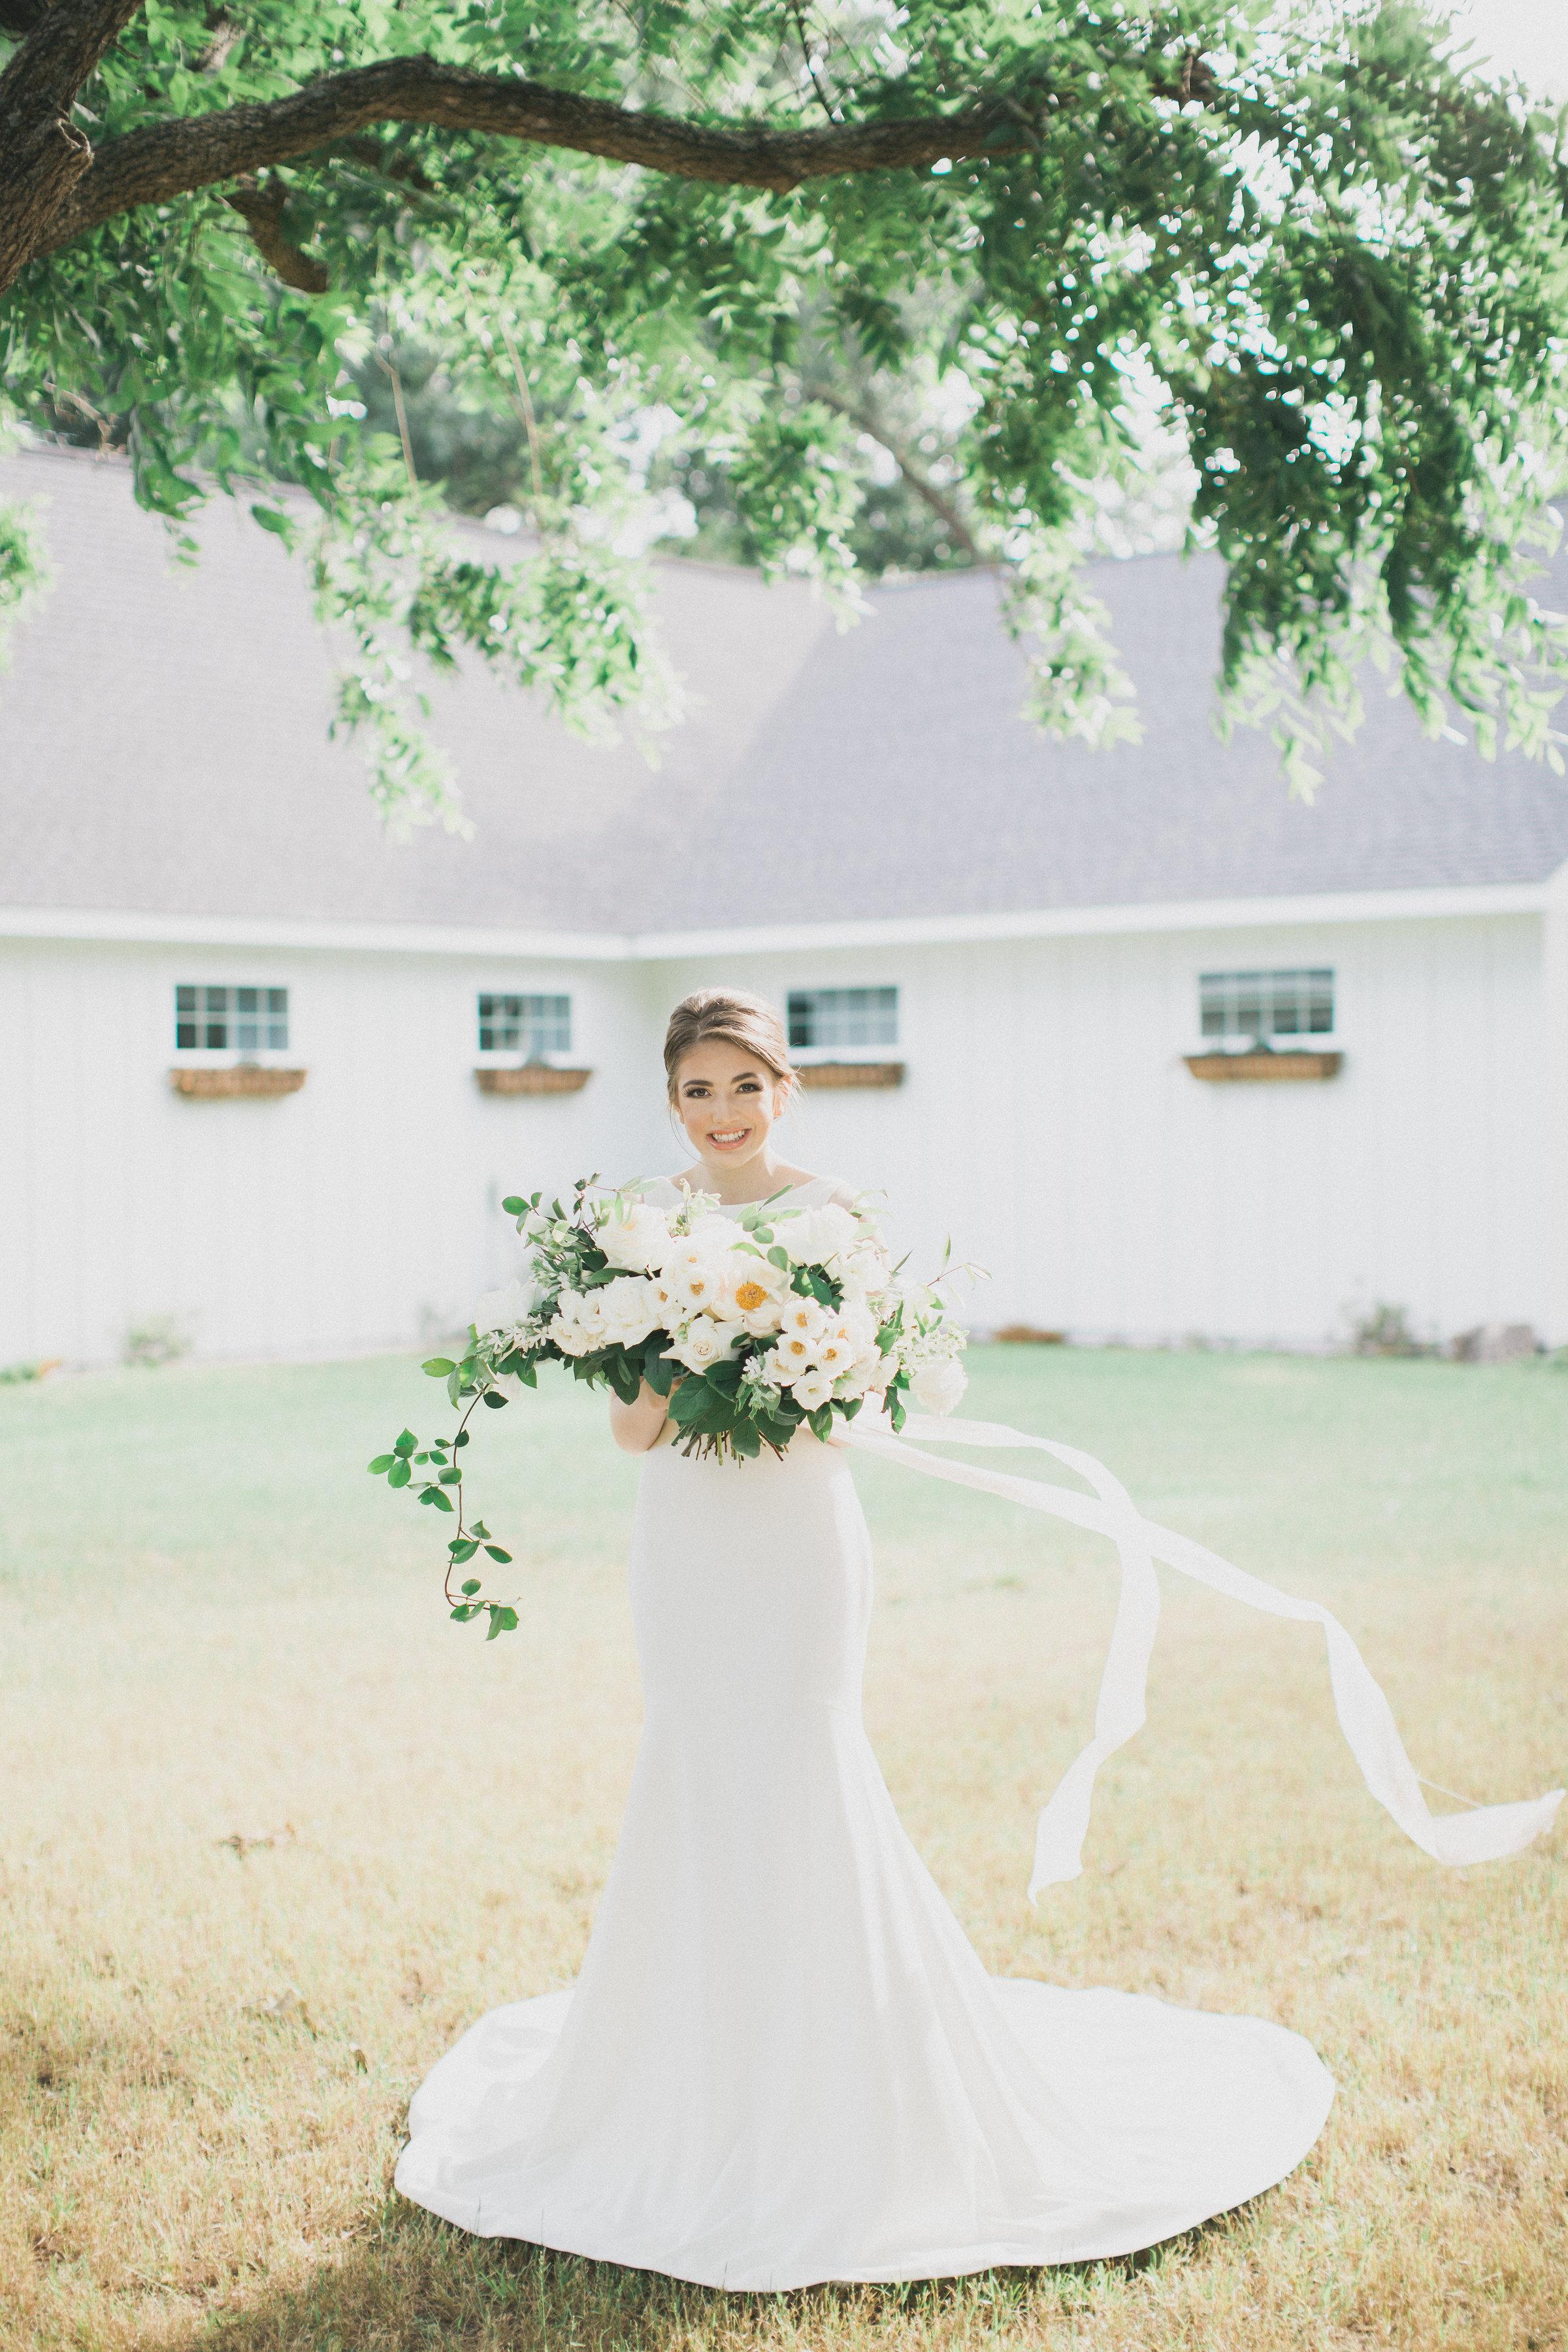 Silk Ribbon Bridal Bouquet | Southern Summer White Barn Wedding in Dallas, TX